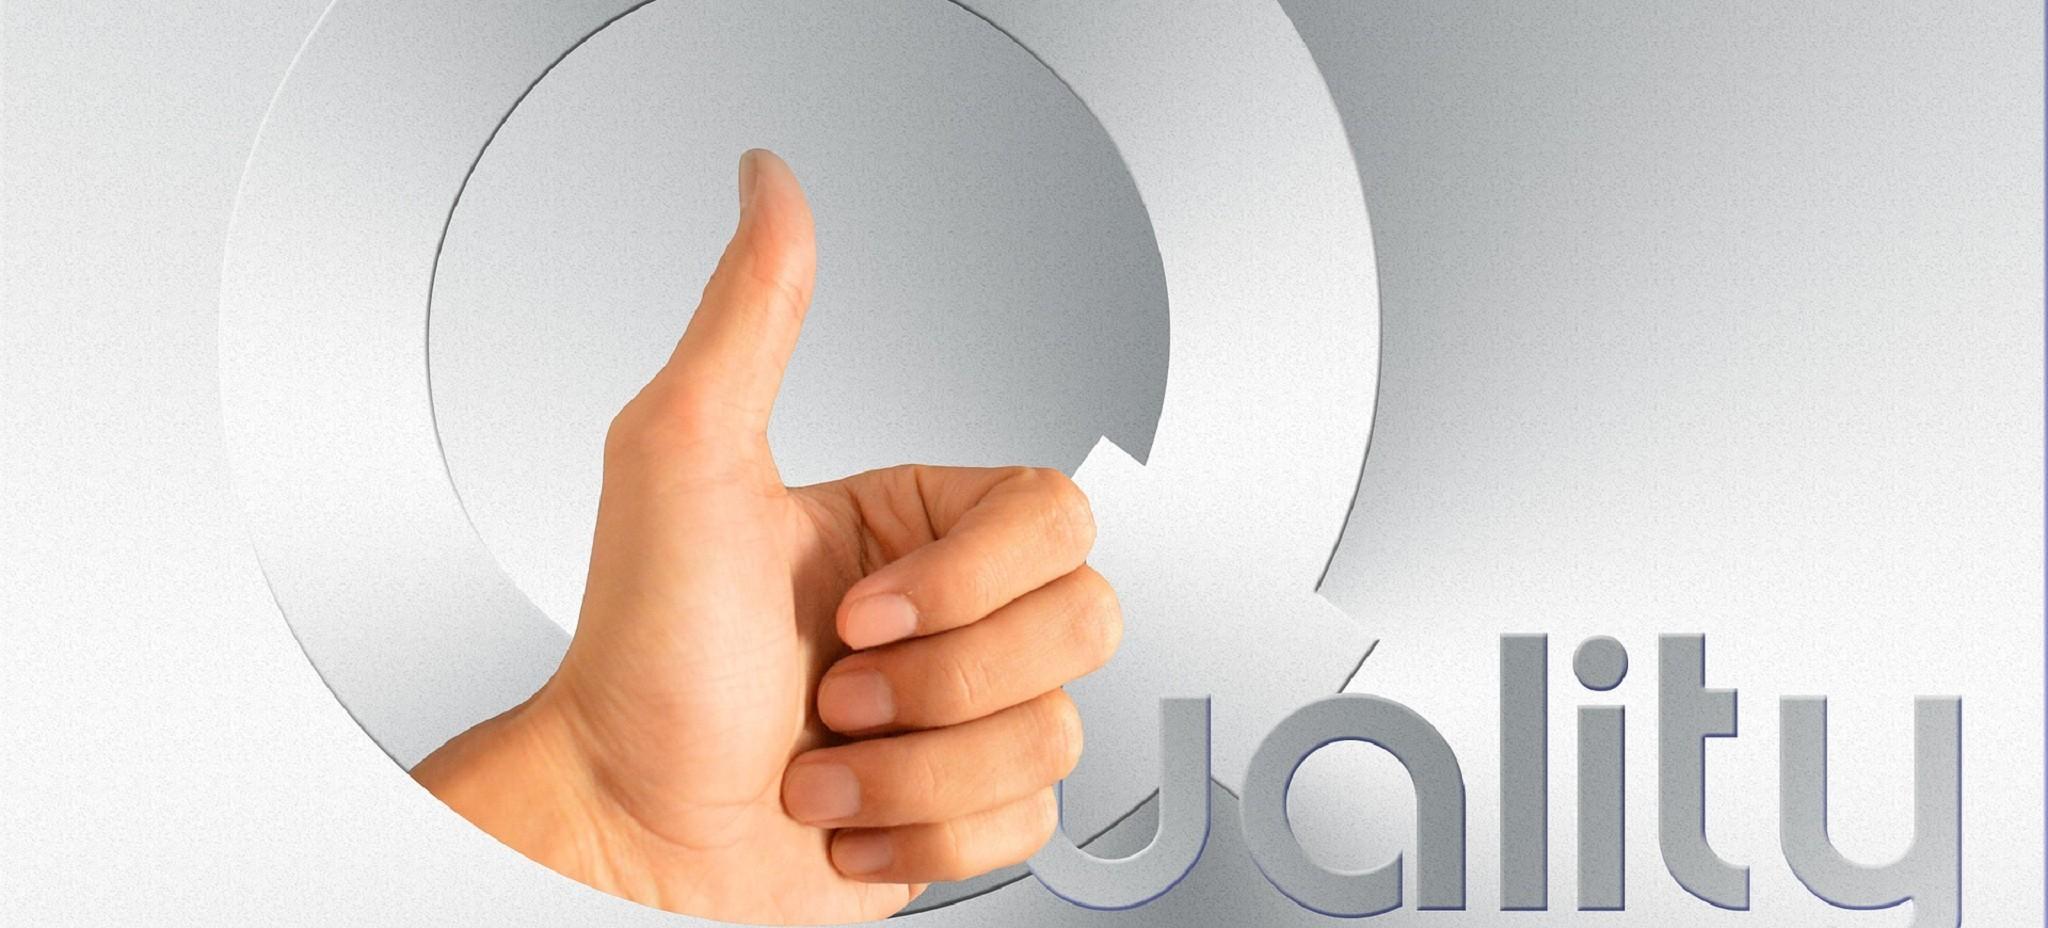 跨境電商新里程碑!歐洲EMOTA推出跨境電商信賴標章